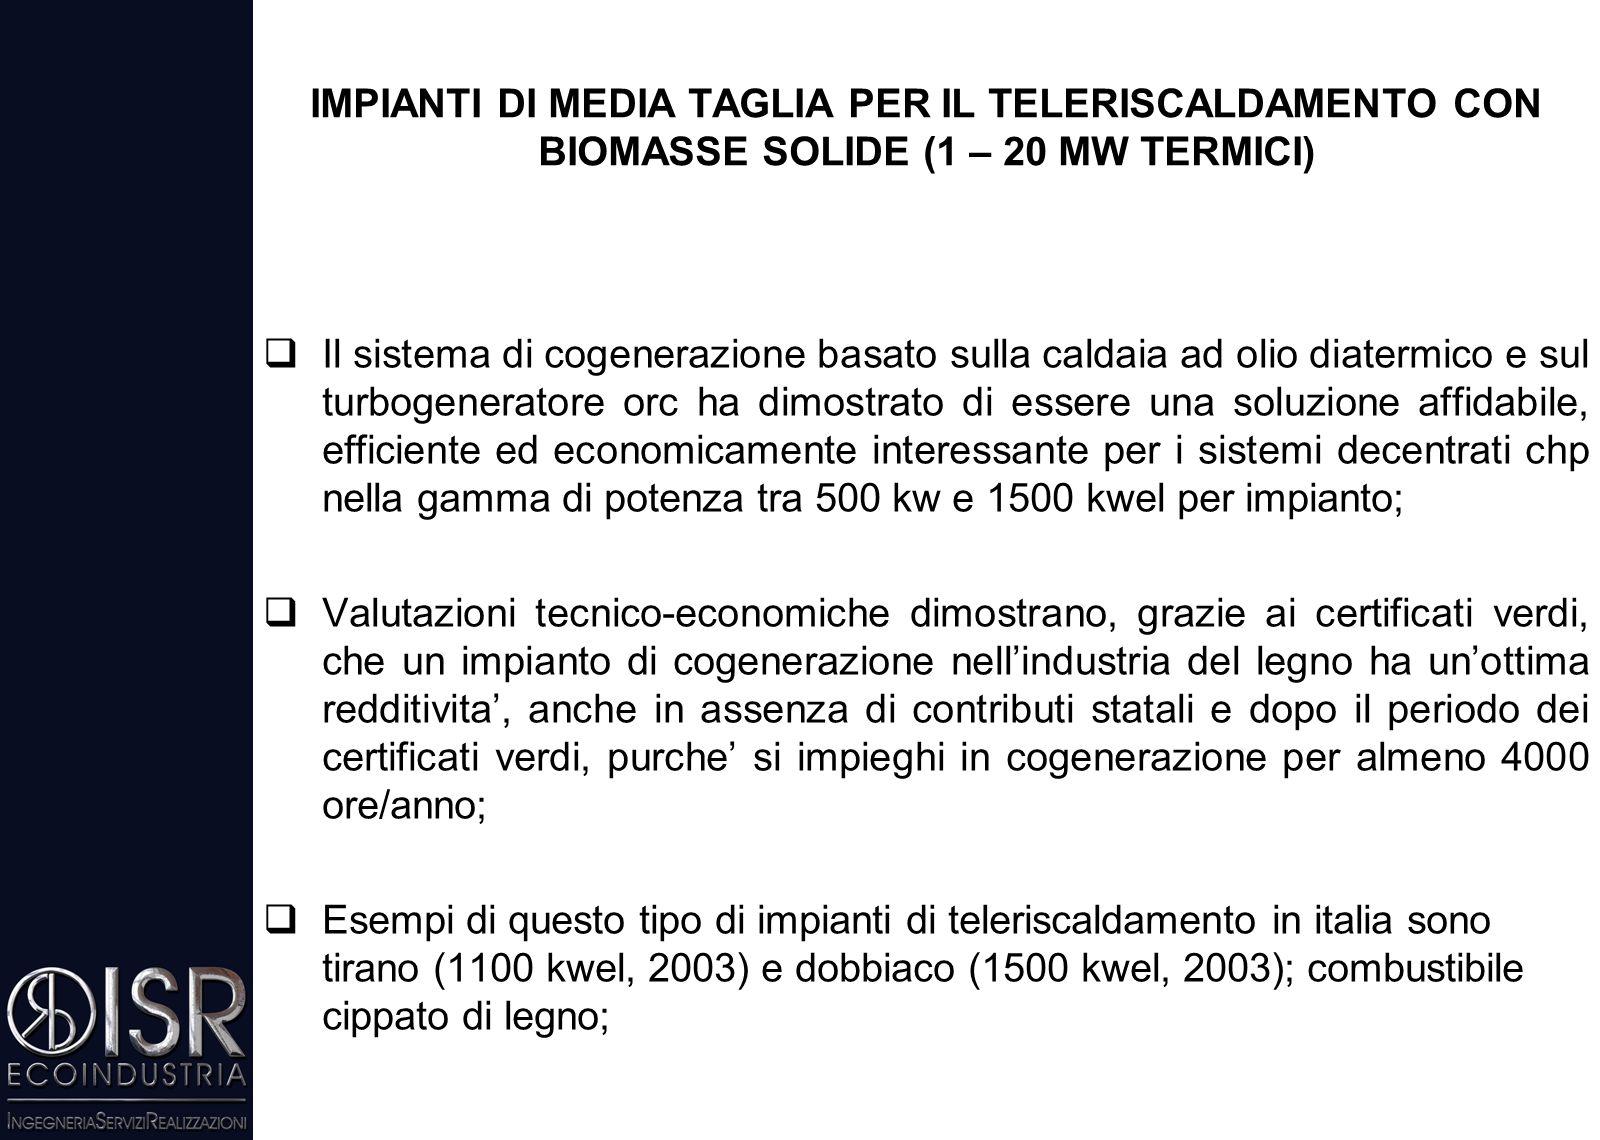 IMPIANTI DI MEDIA TAGLIA PER IL TELERISCALDAMENTO CON BIOMASSE SOLIDE (1 – 20 MW TERMICI)  Impianti diffusi in Italia negli ultimi 15 anni  Ad oggi